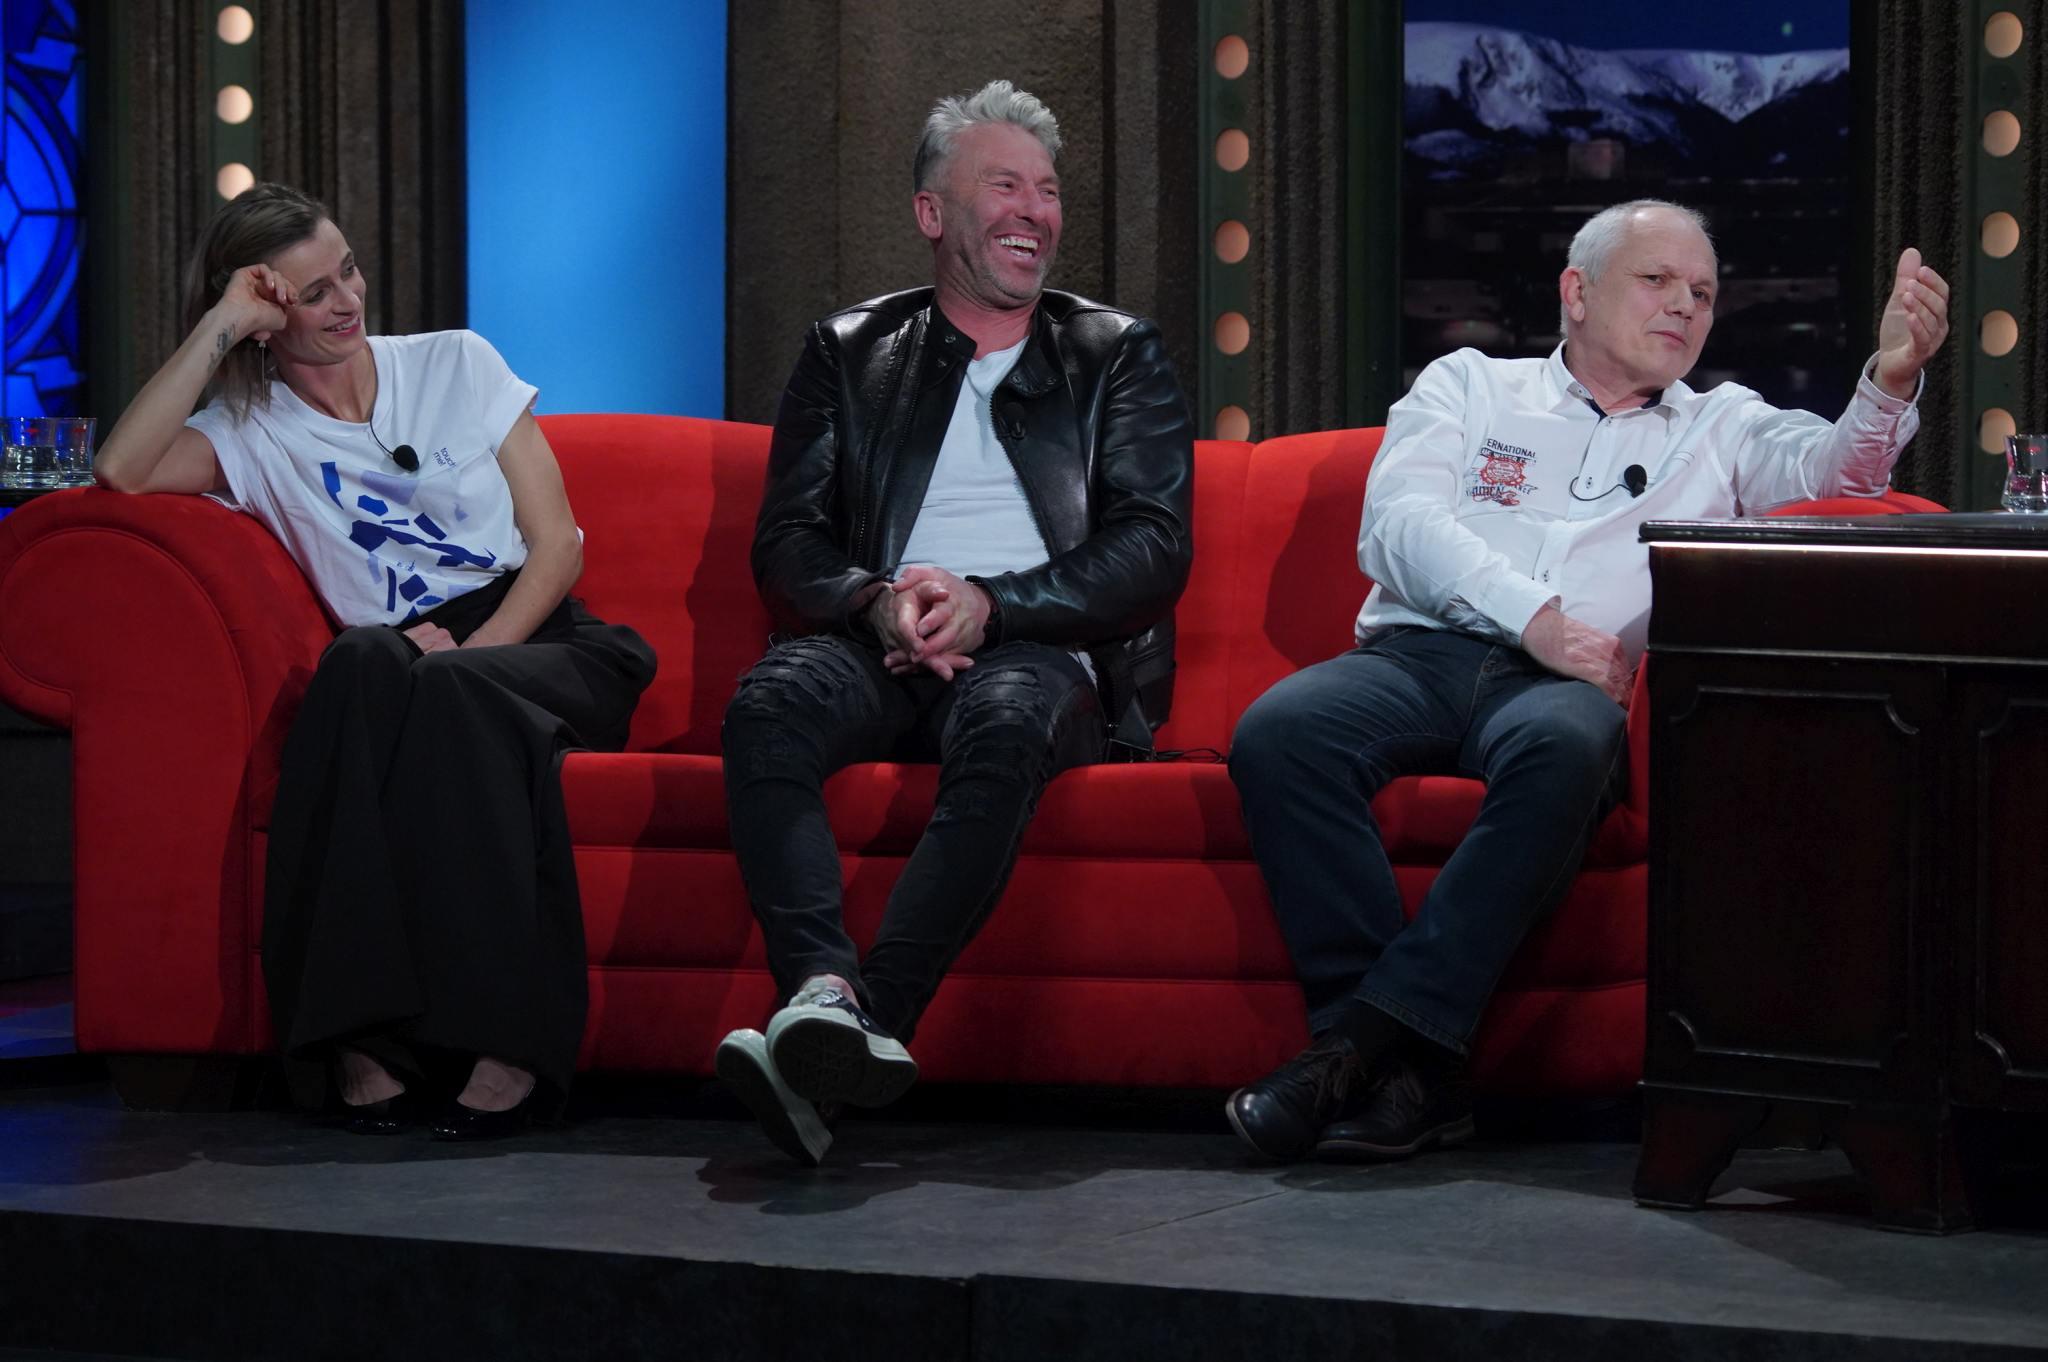 Herečka Ivana Jirešová, hokejový trenér Petr Nedvěd a pilot helikoptéry Pavel Špilka v SJK 14. 4. 2021